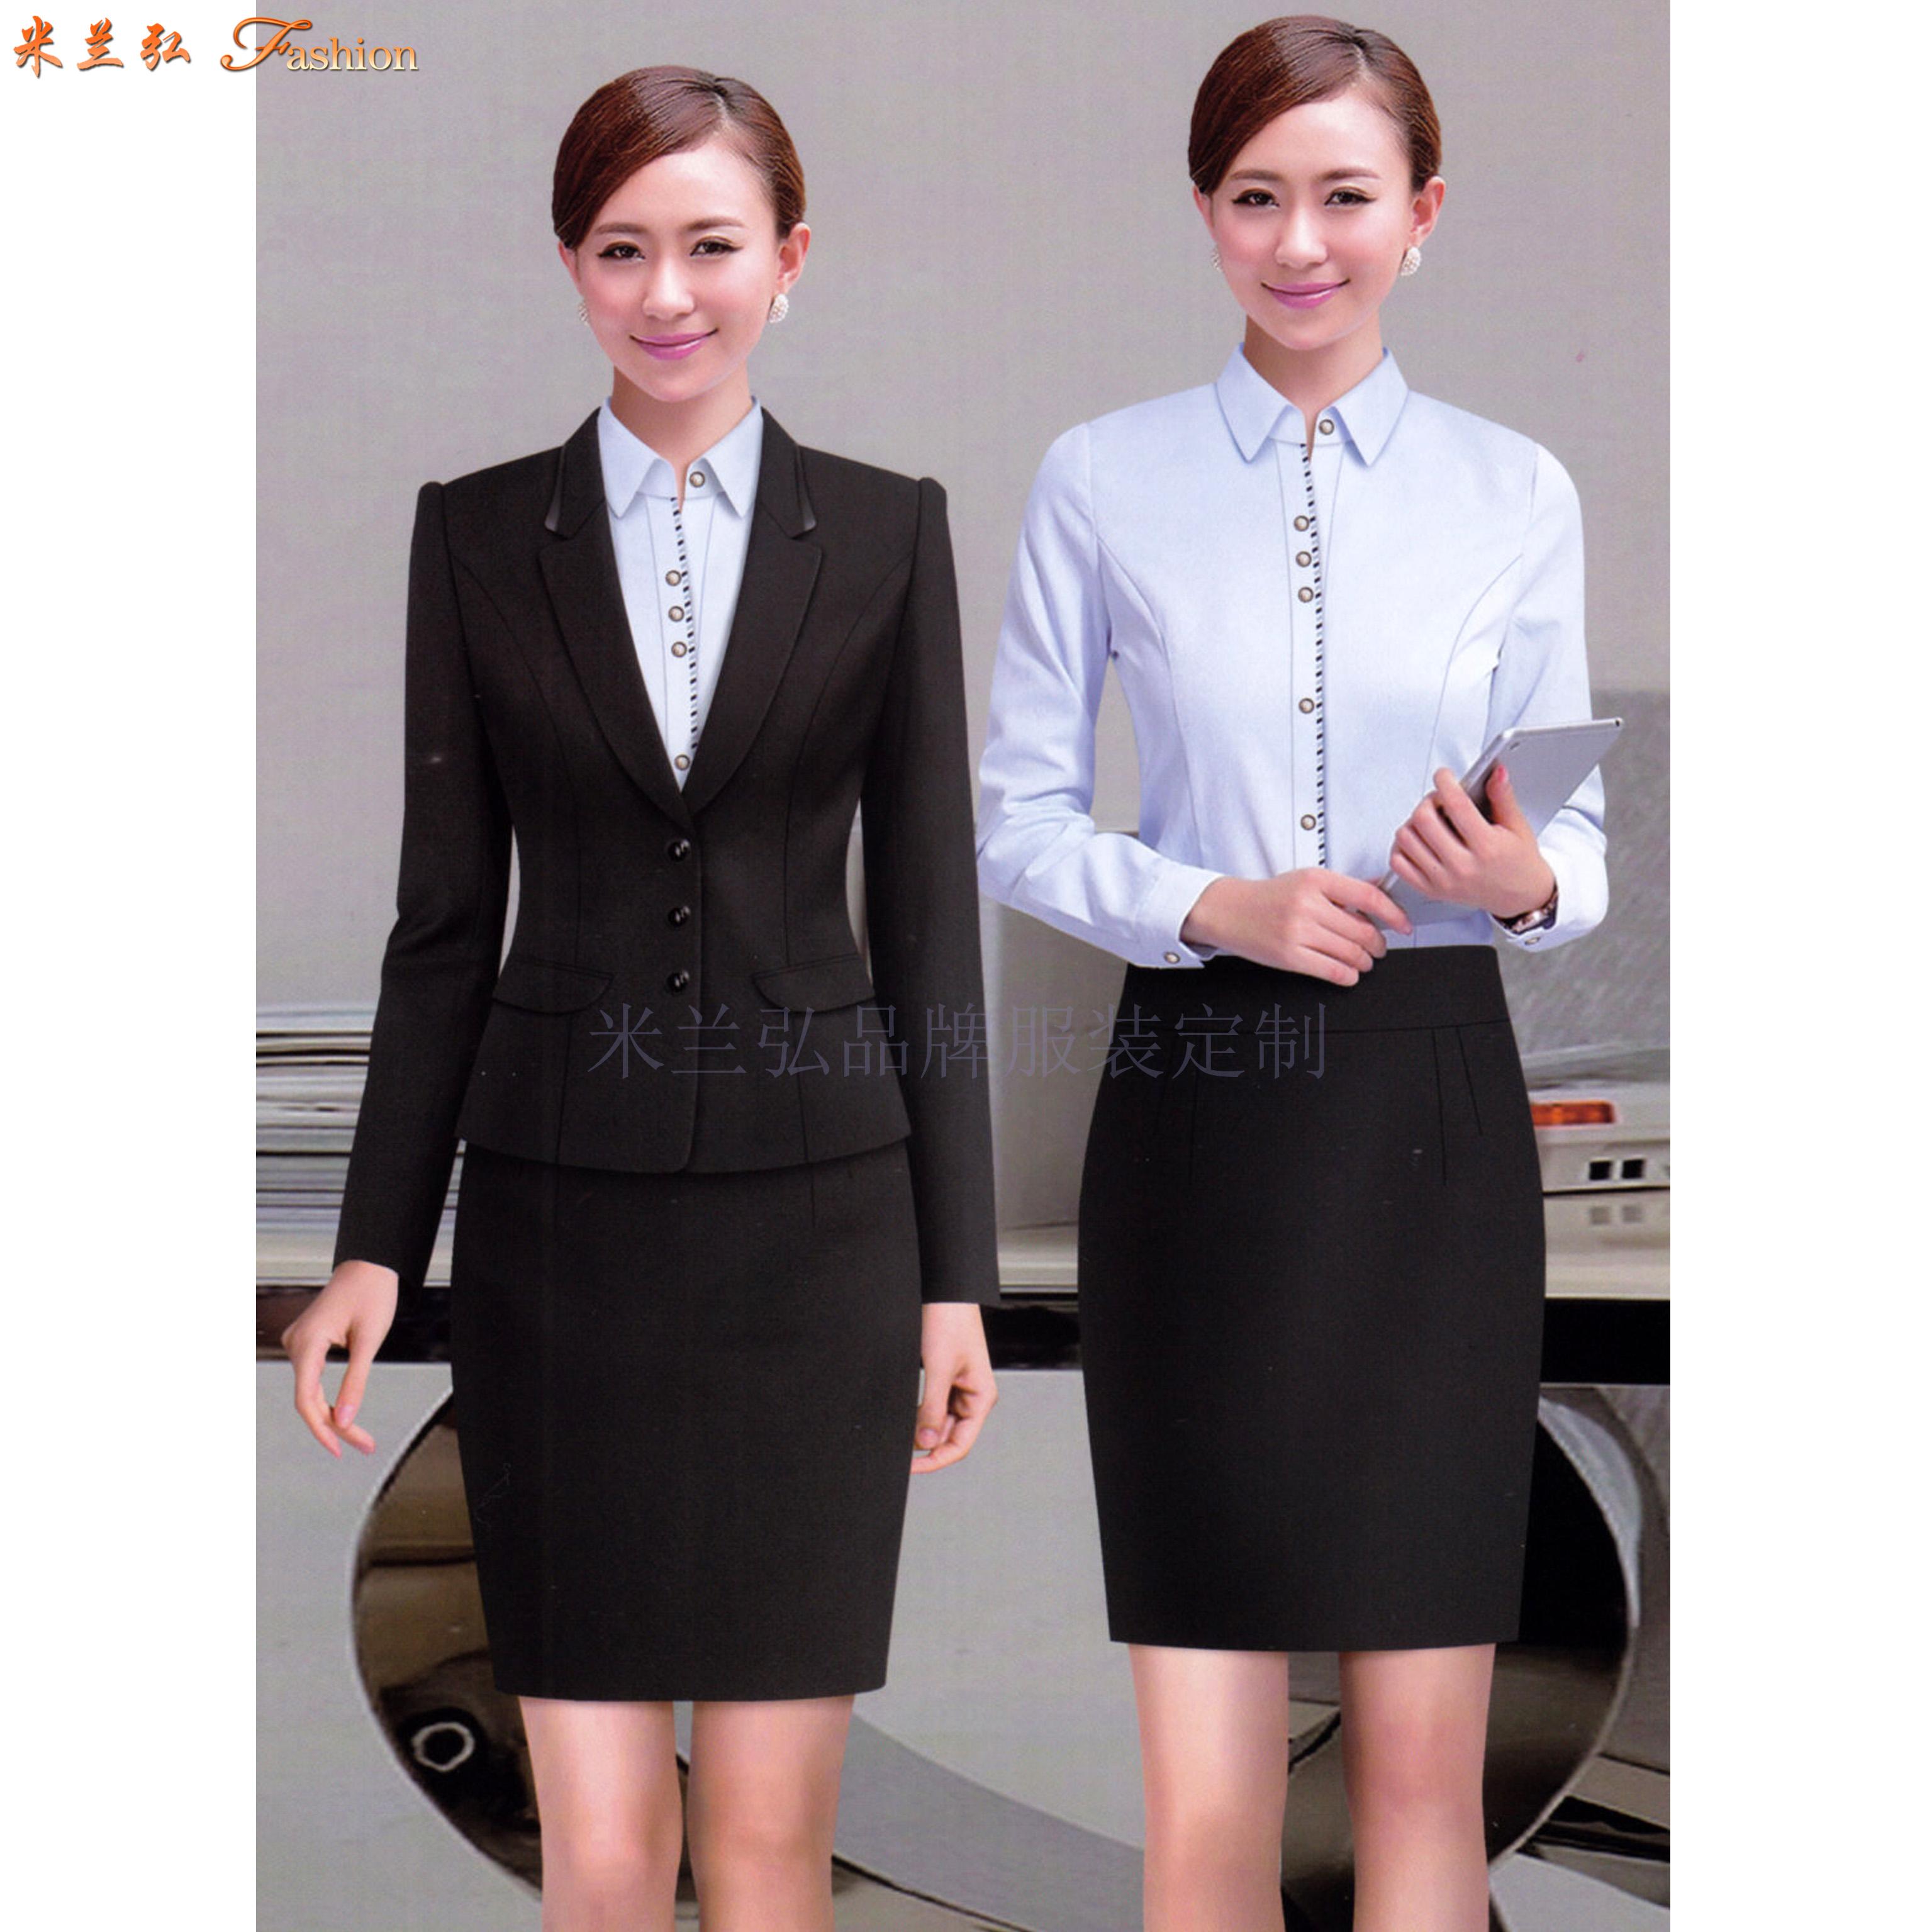 北京定做西服襯衫-十年定做廠家值得信賴-米蘭弘服裝-2